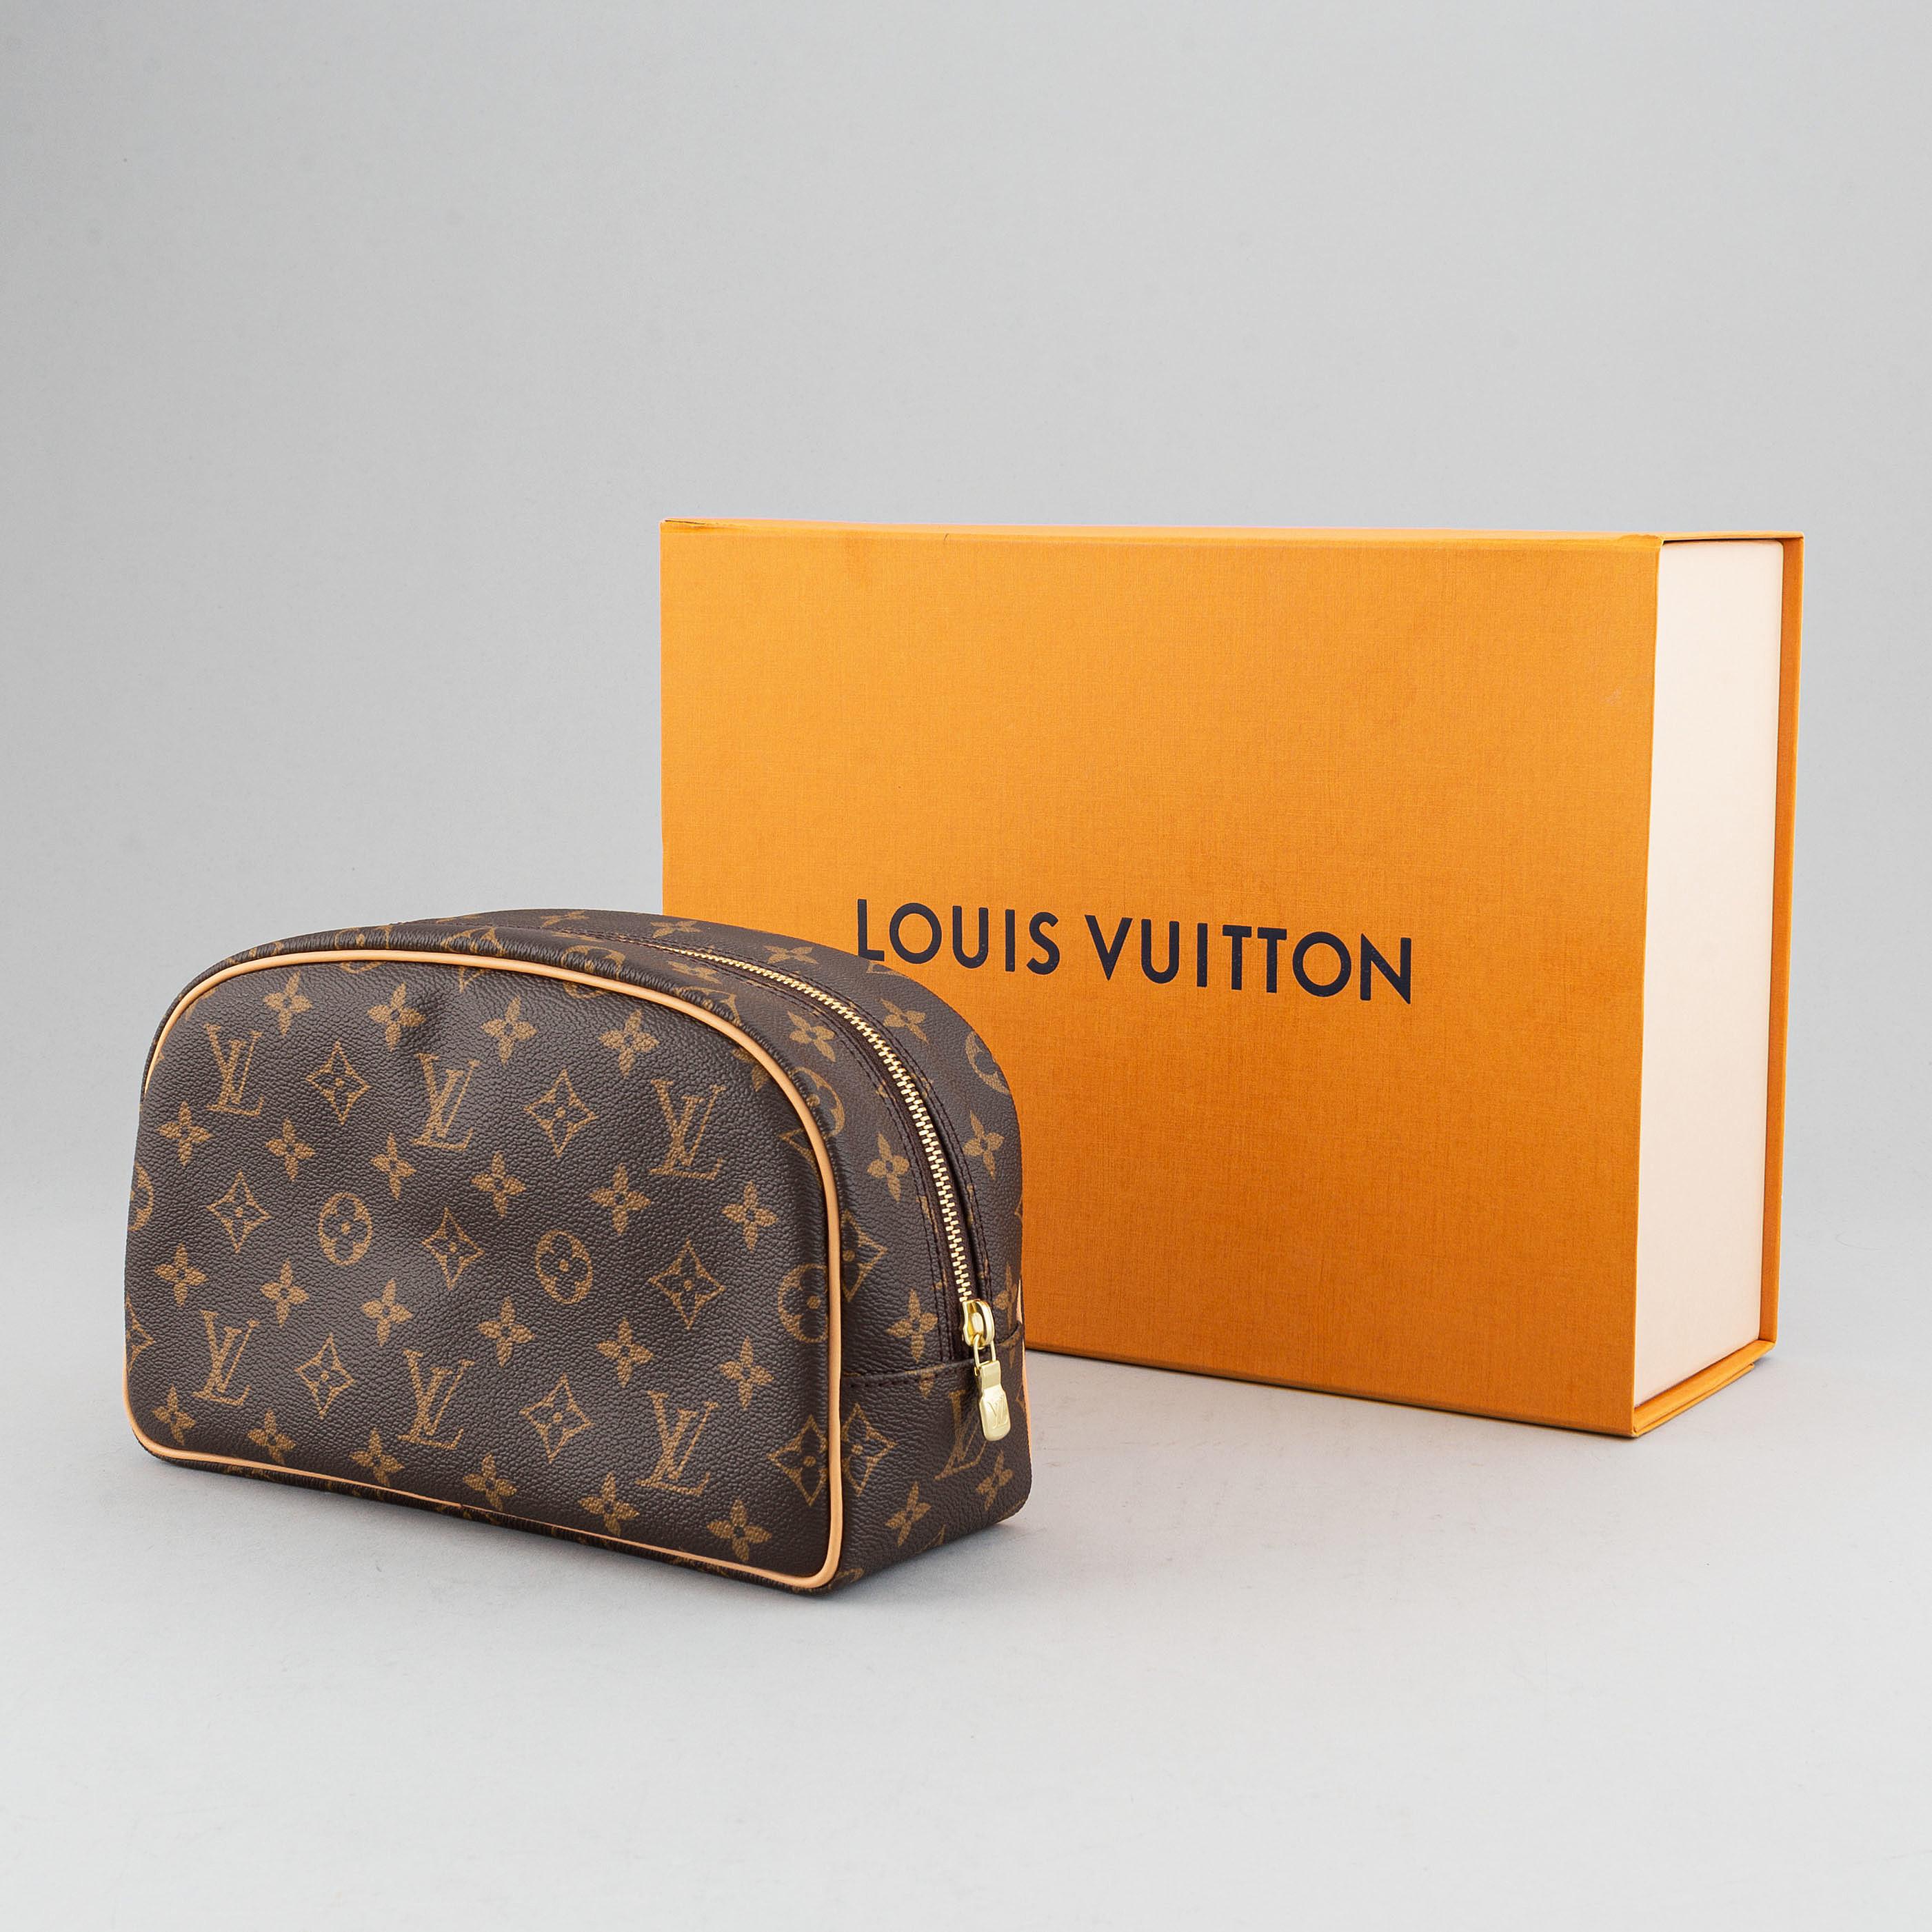 Louis Vuitton Toiletry Bag 25 Bukowskis Safe shipping and easy returns. louis vuitton toiletry bag 25